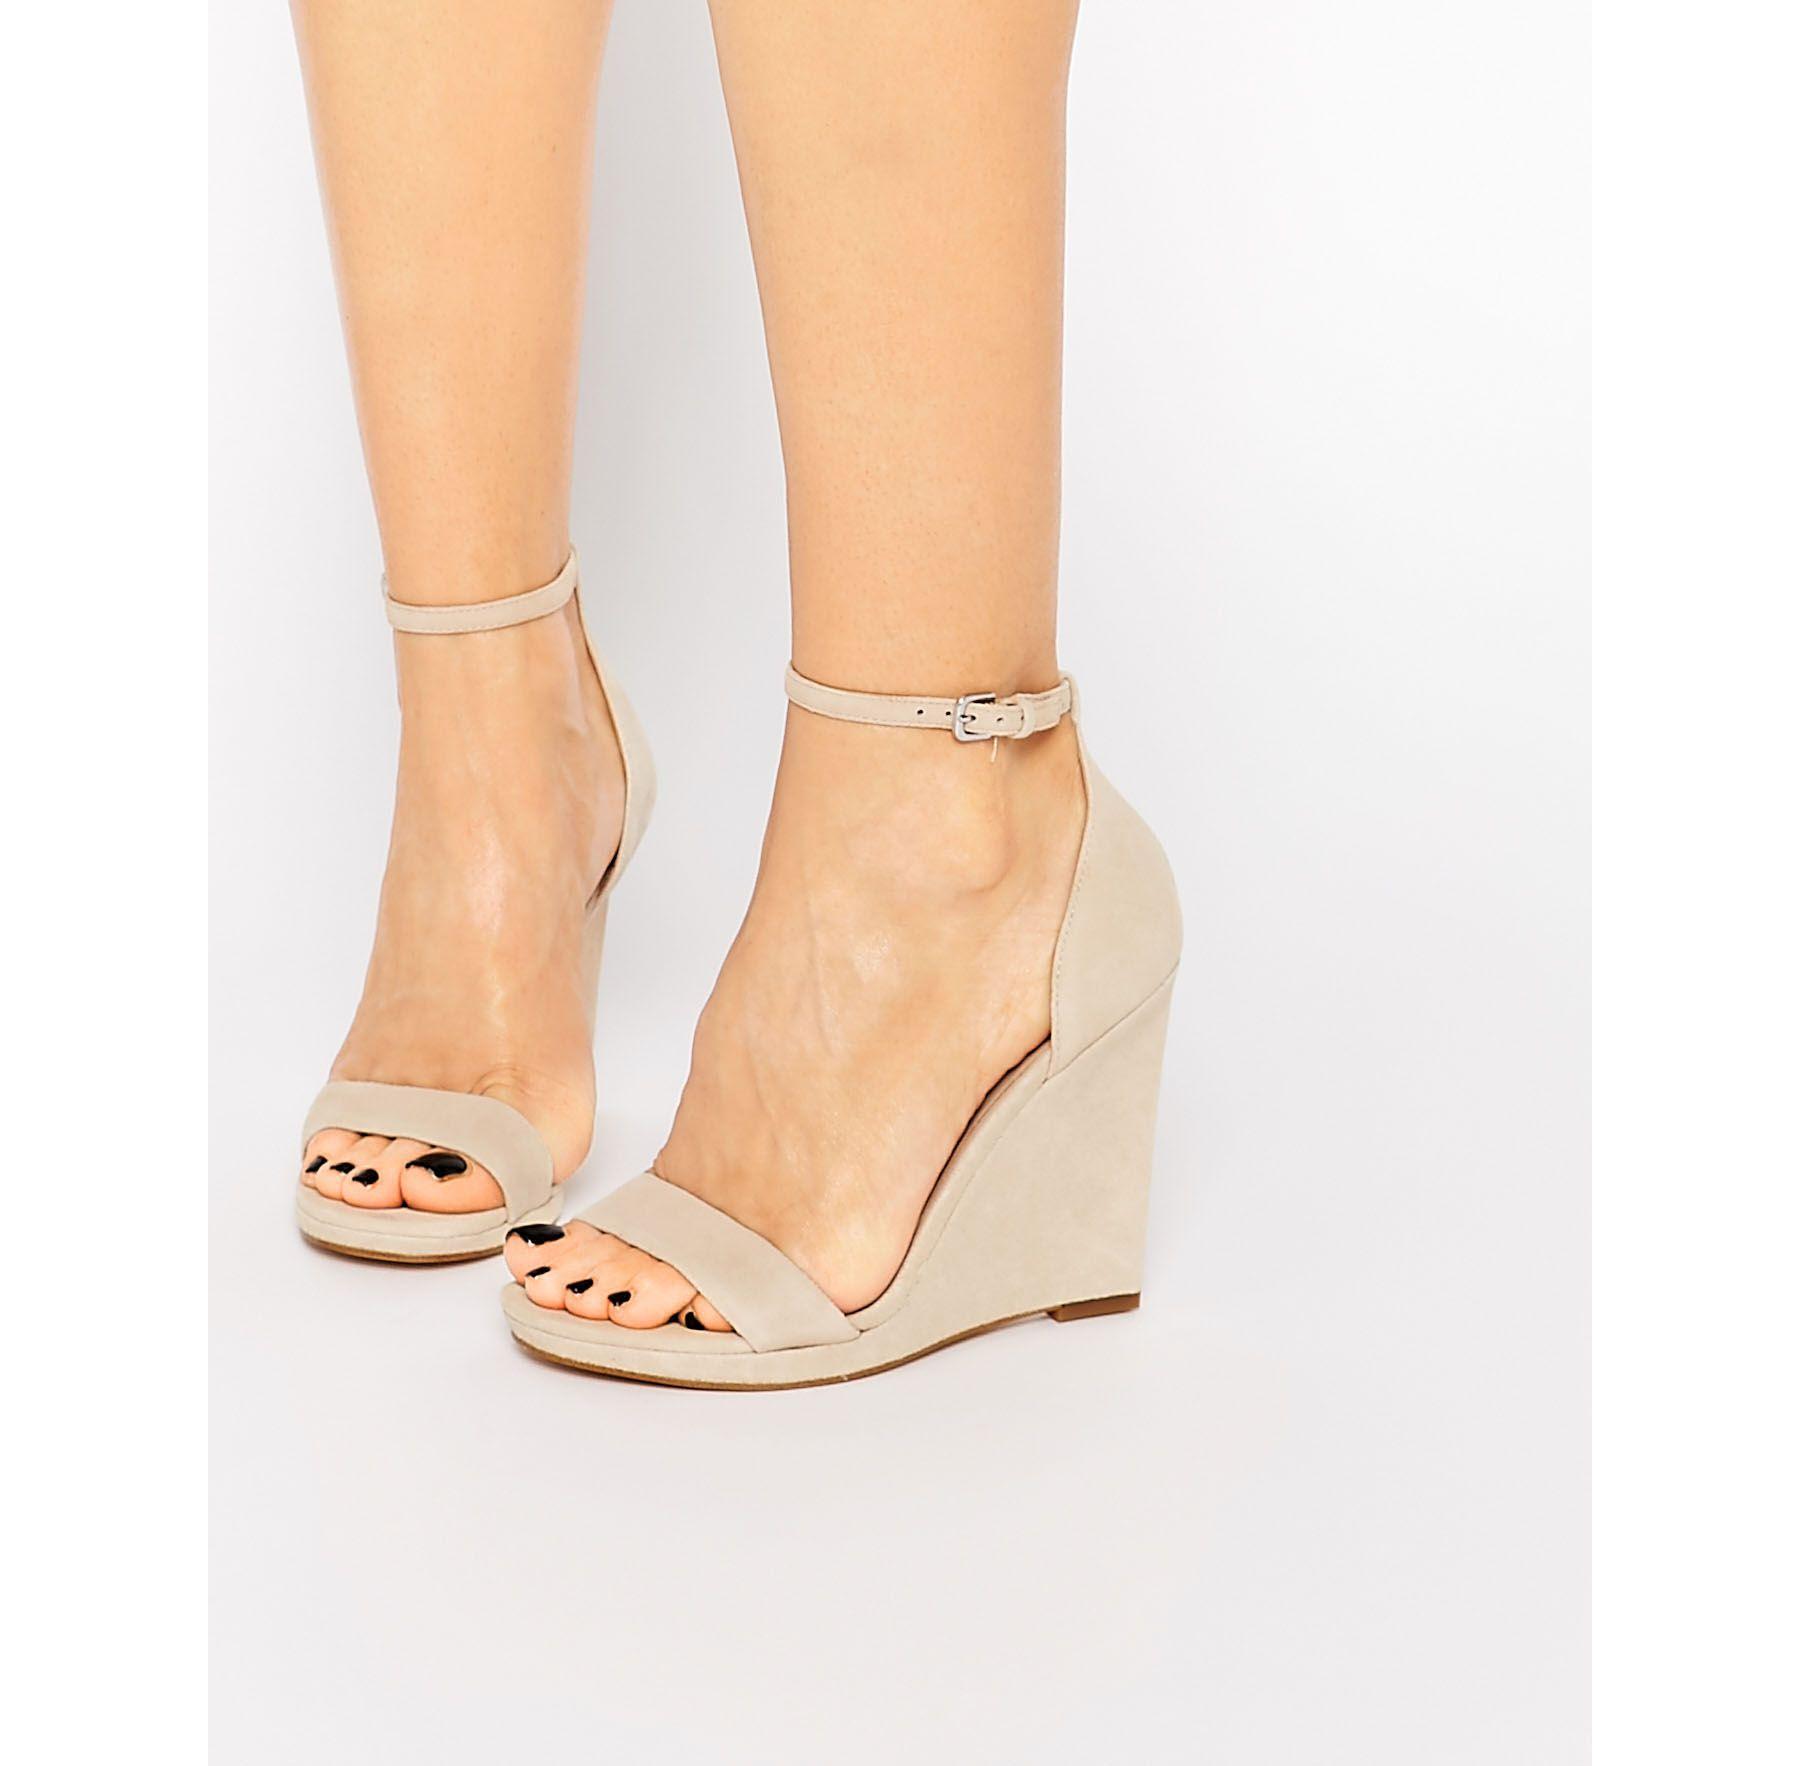 99945a1af42 Lyst - ALDO Ldo Elley Nude Wedge Sandals in Natural